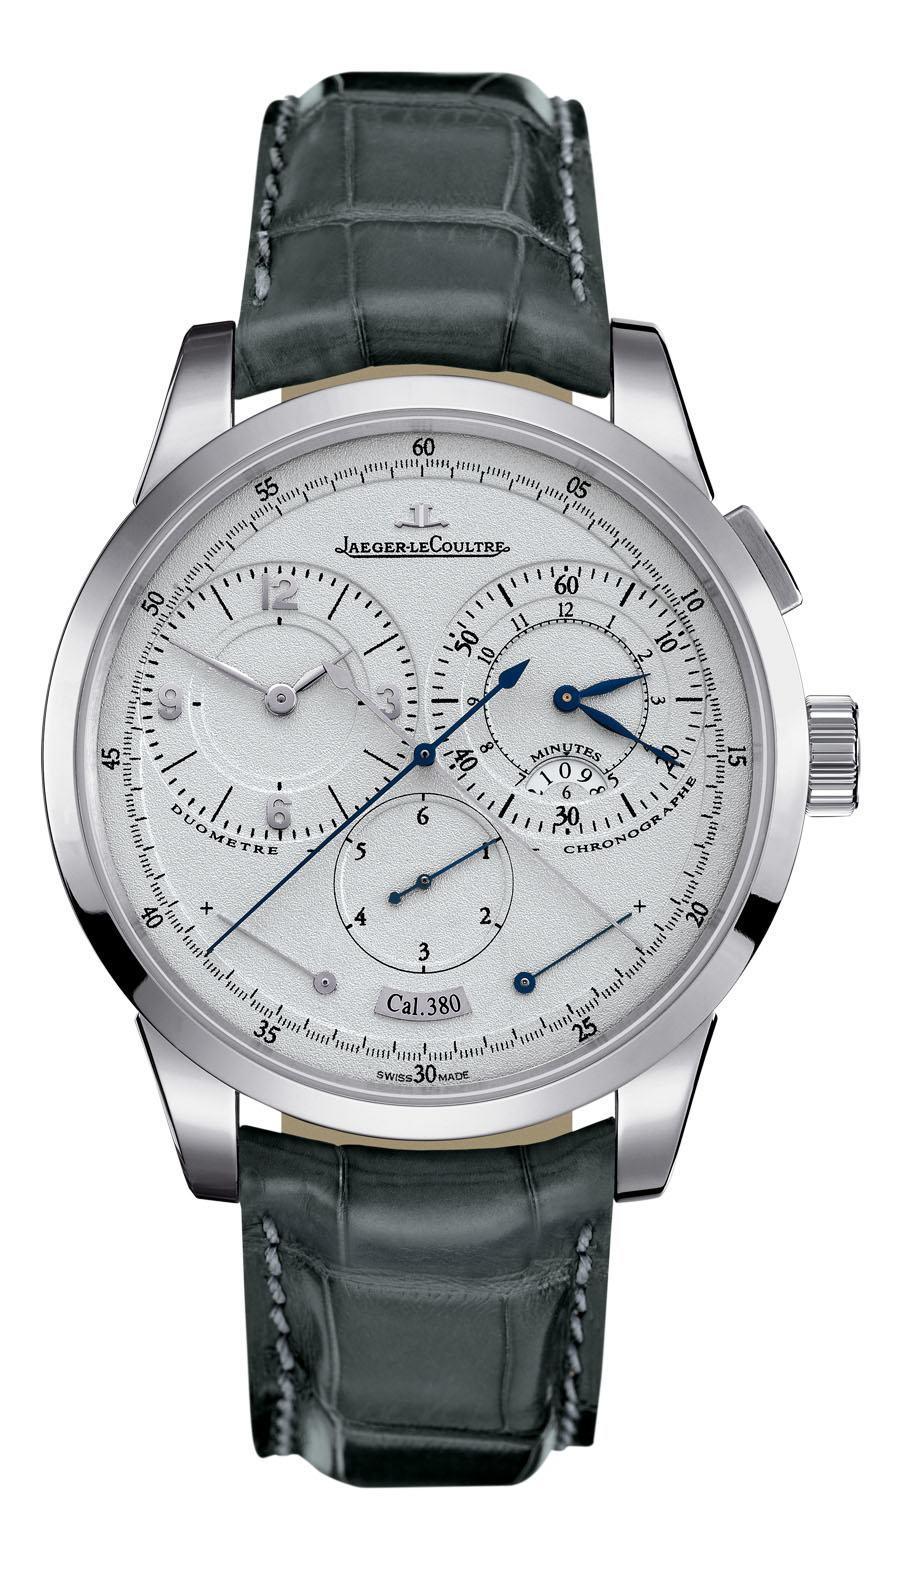 Derzeit die Lieblingsuhr von Clive Owen: Der Duomètre Chronographe von Jaeger-LeCoultre